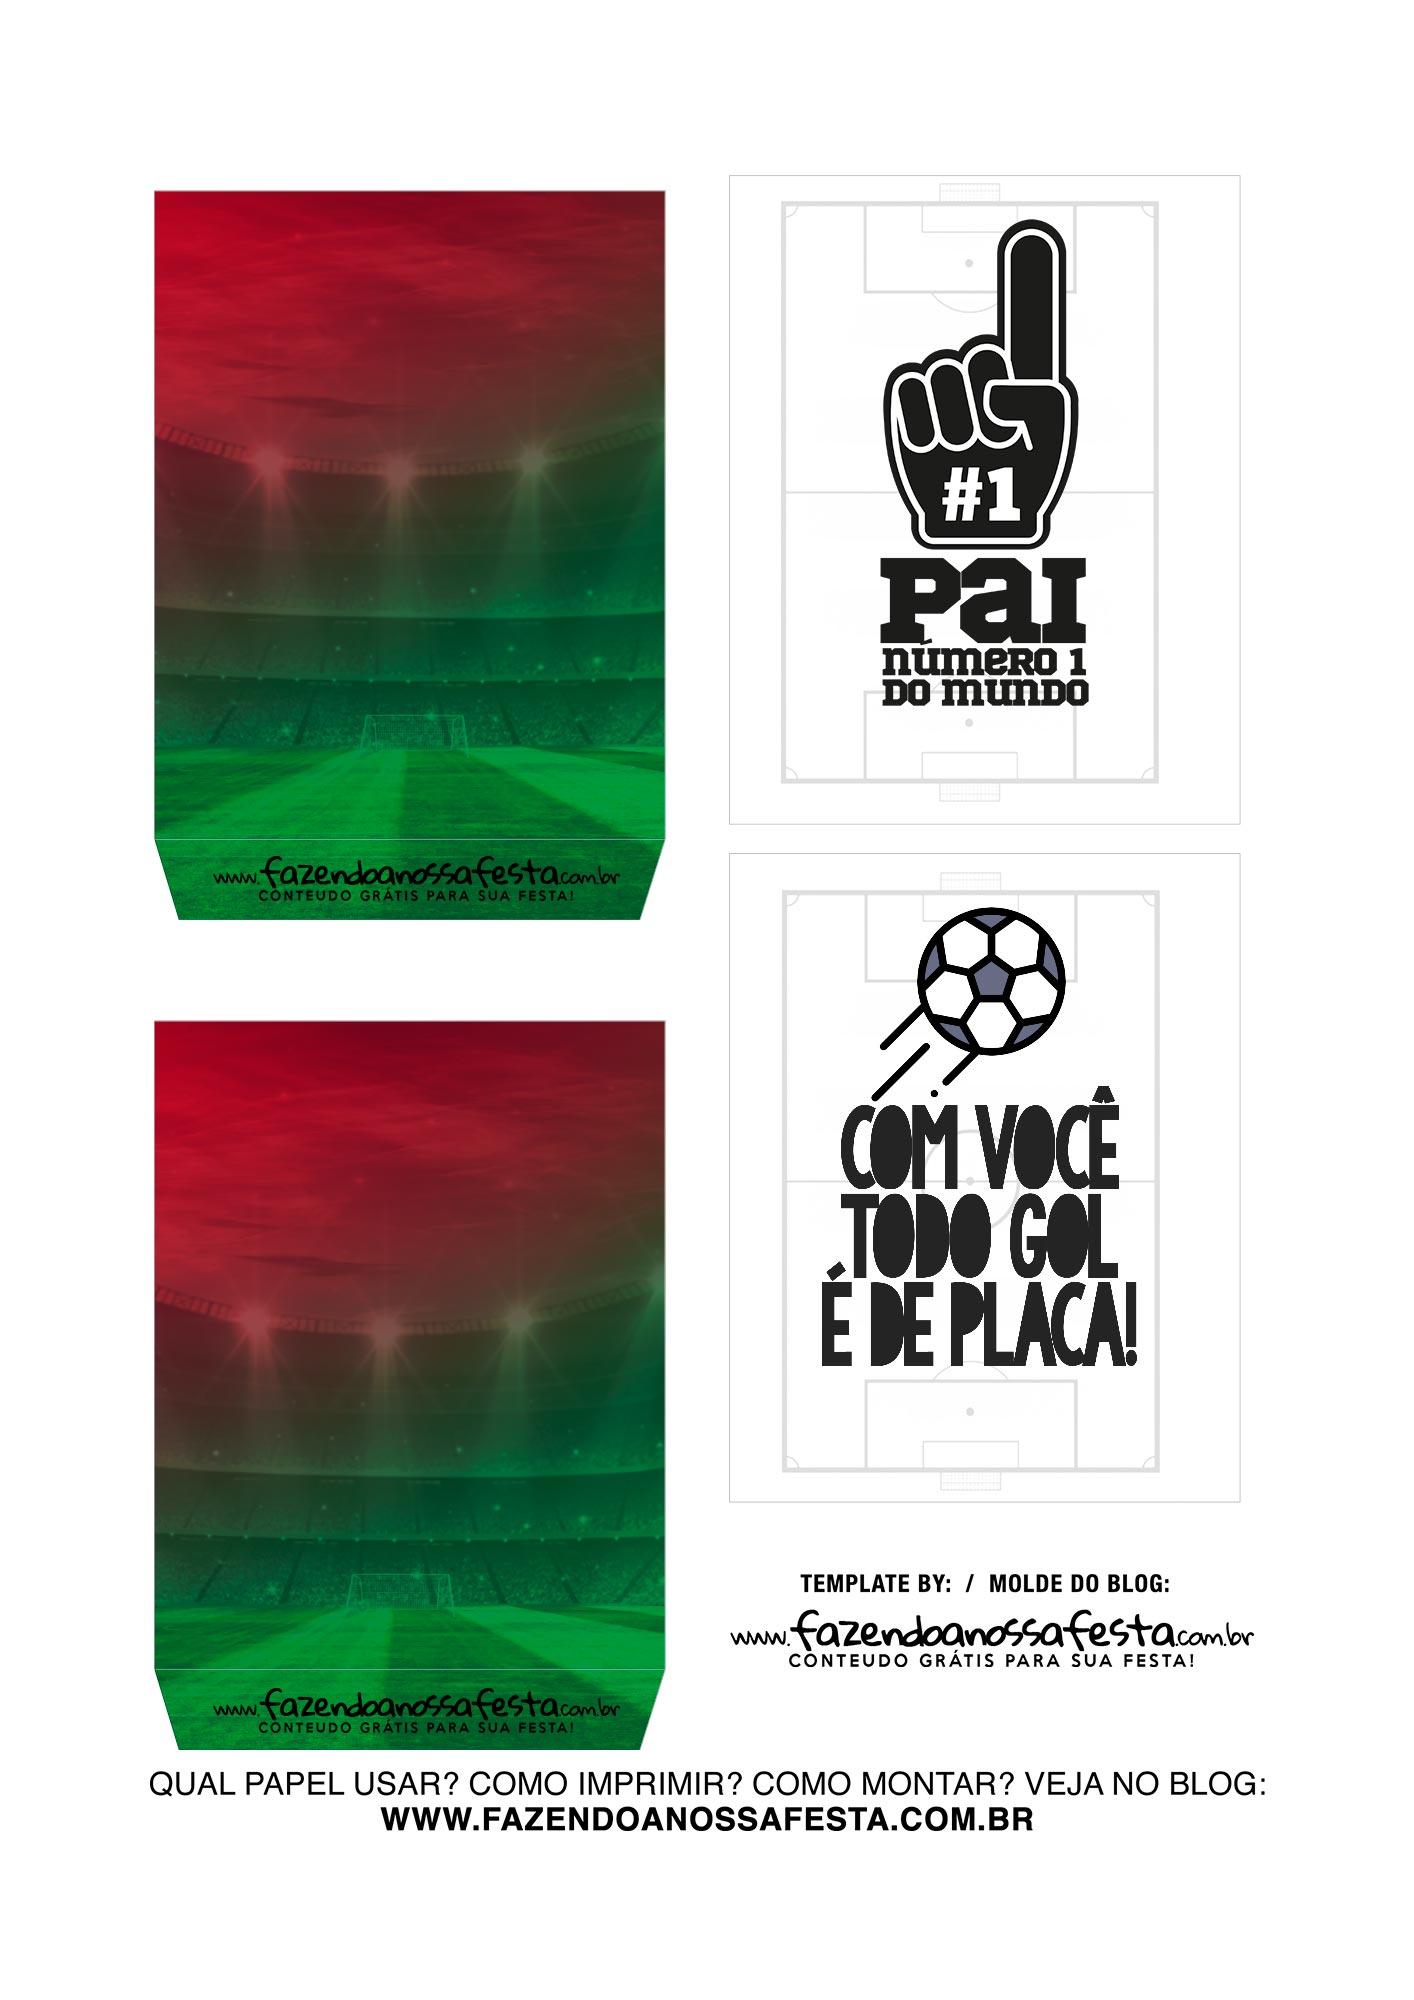 Caixa Explosiva Parte 3 Fluminense